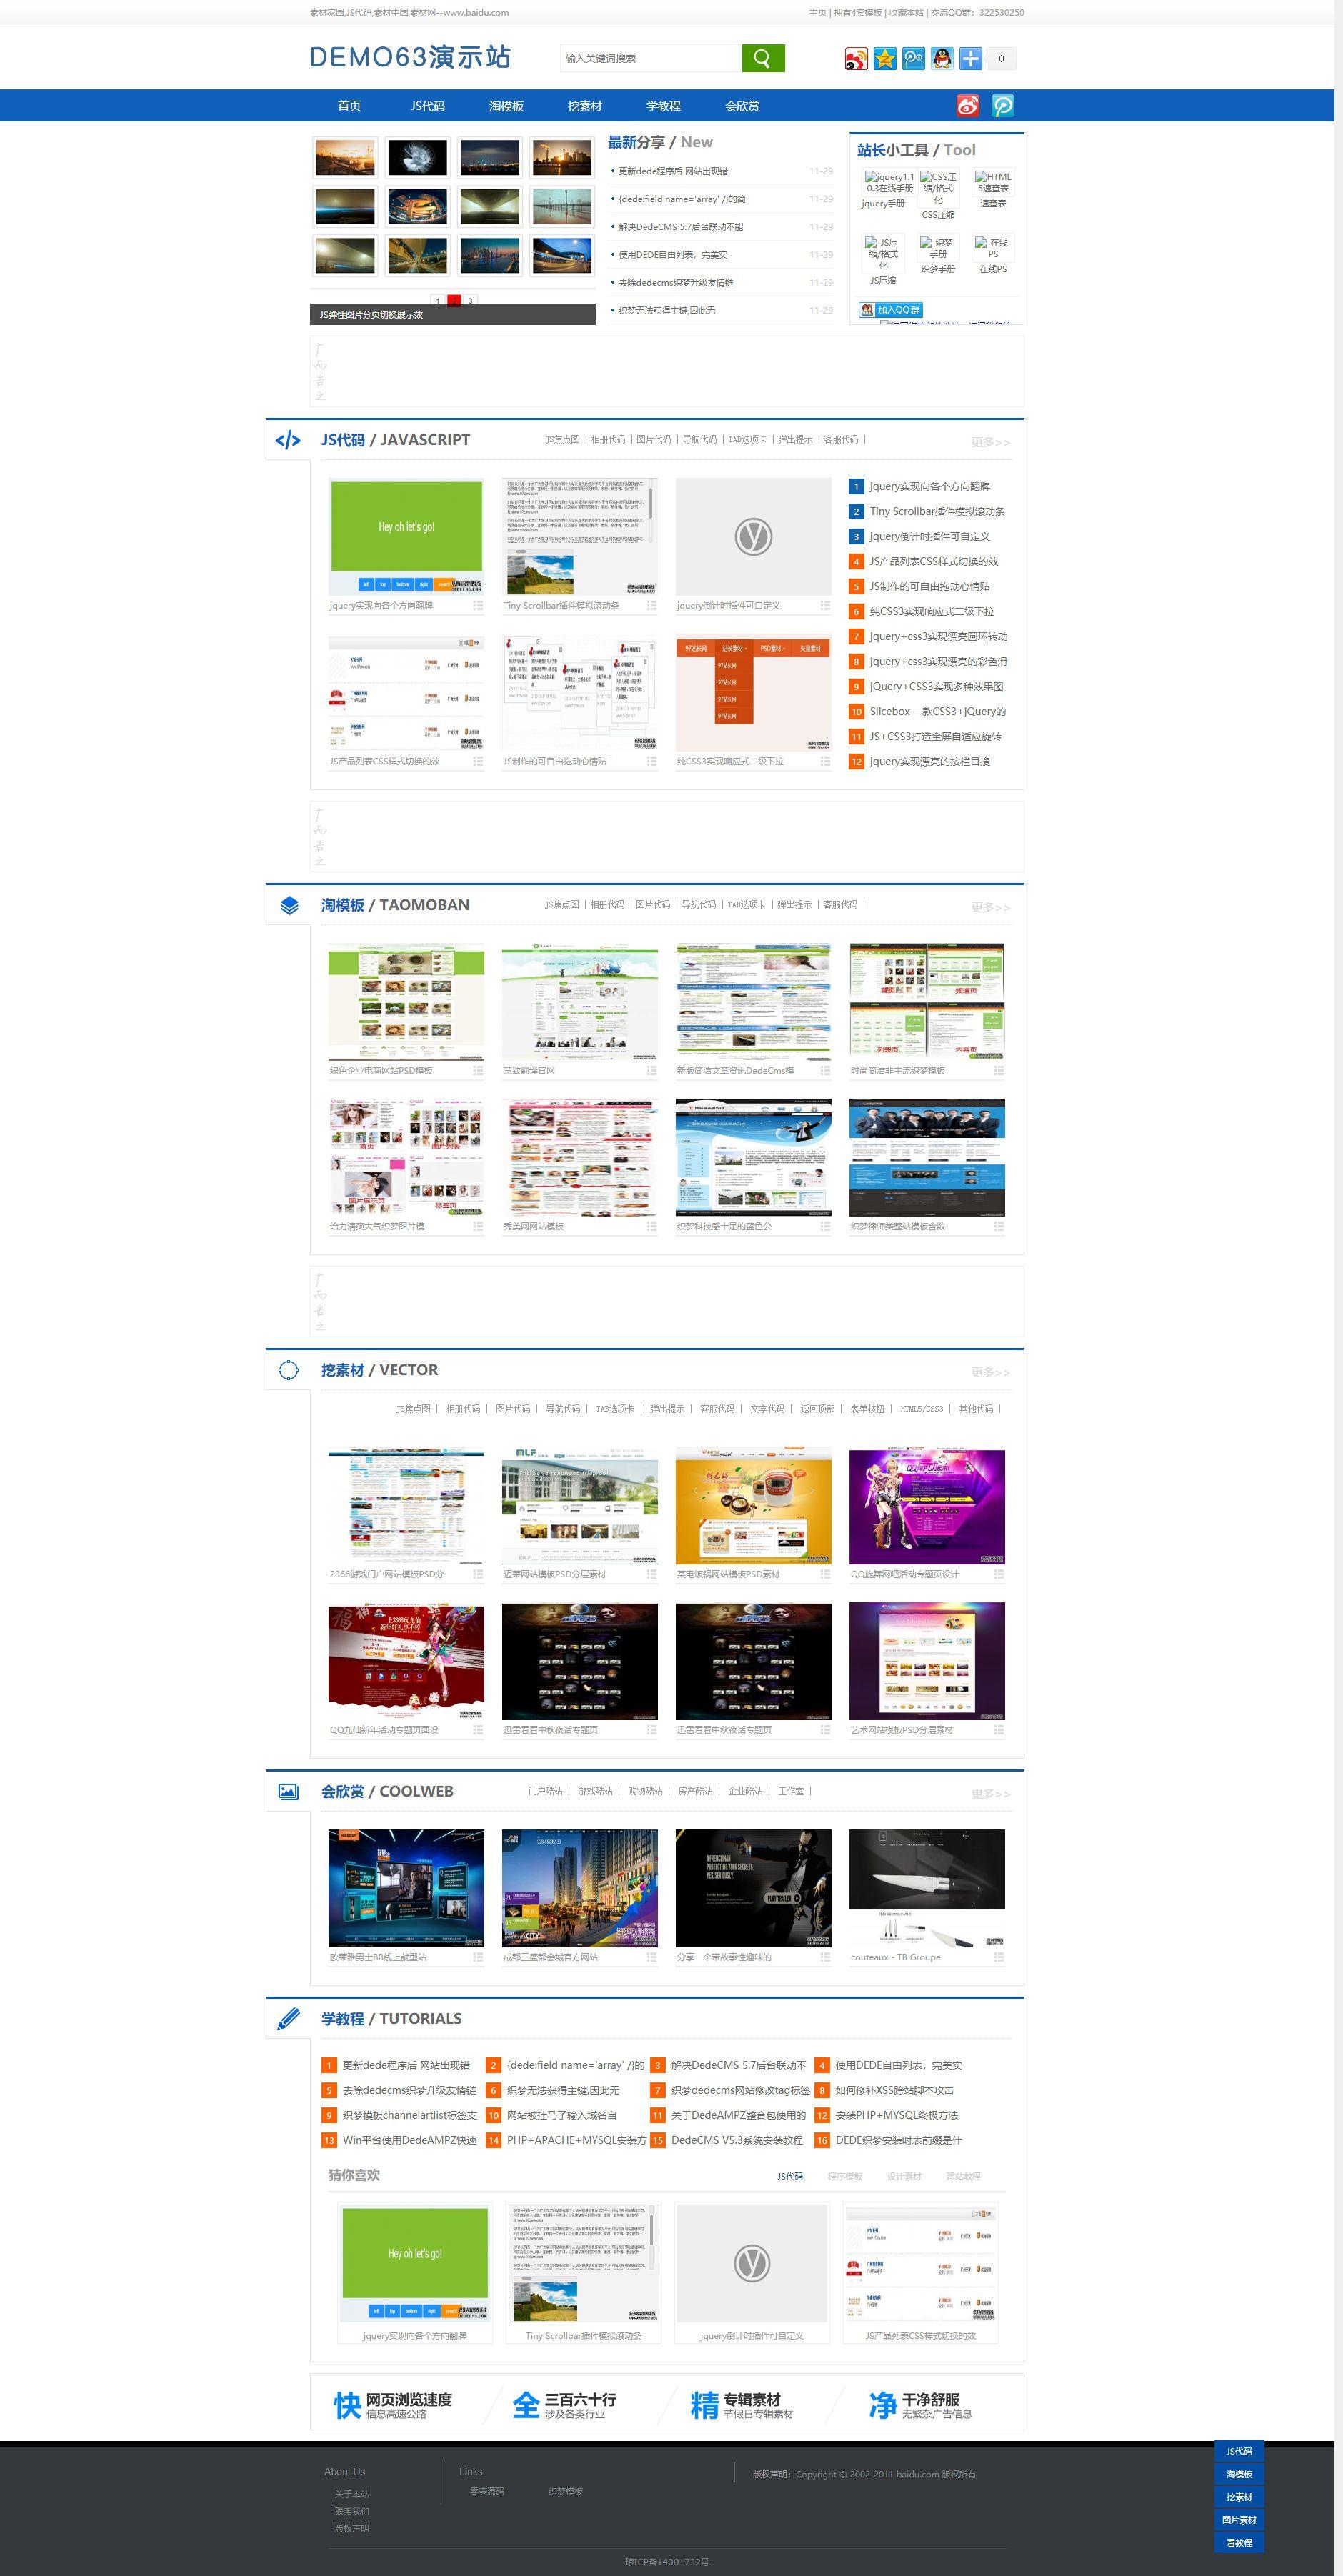 蓝色大气素材站织梦模板 图片素材网站源码 dedecms网站模板源码素材